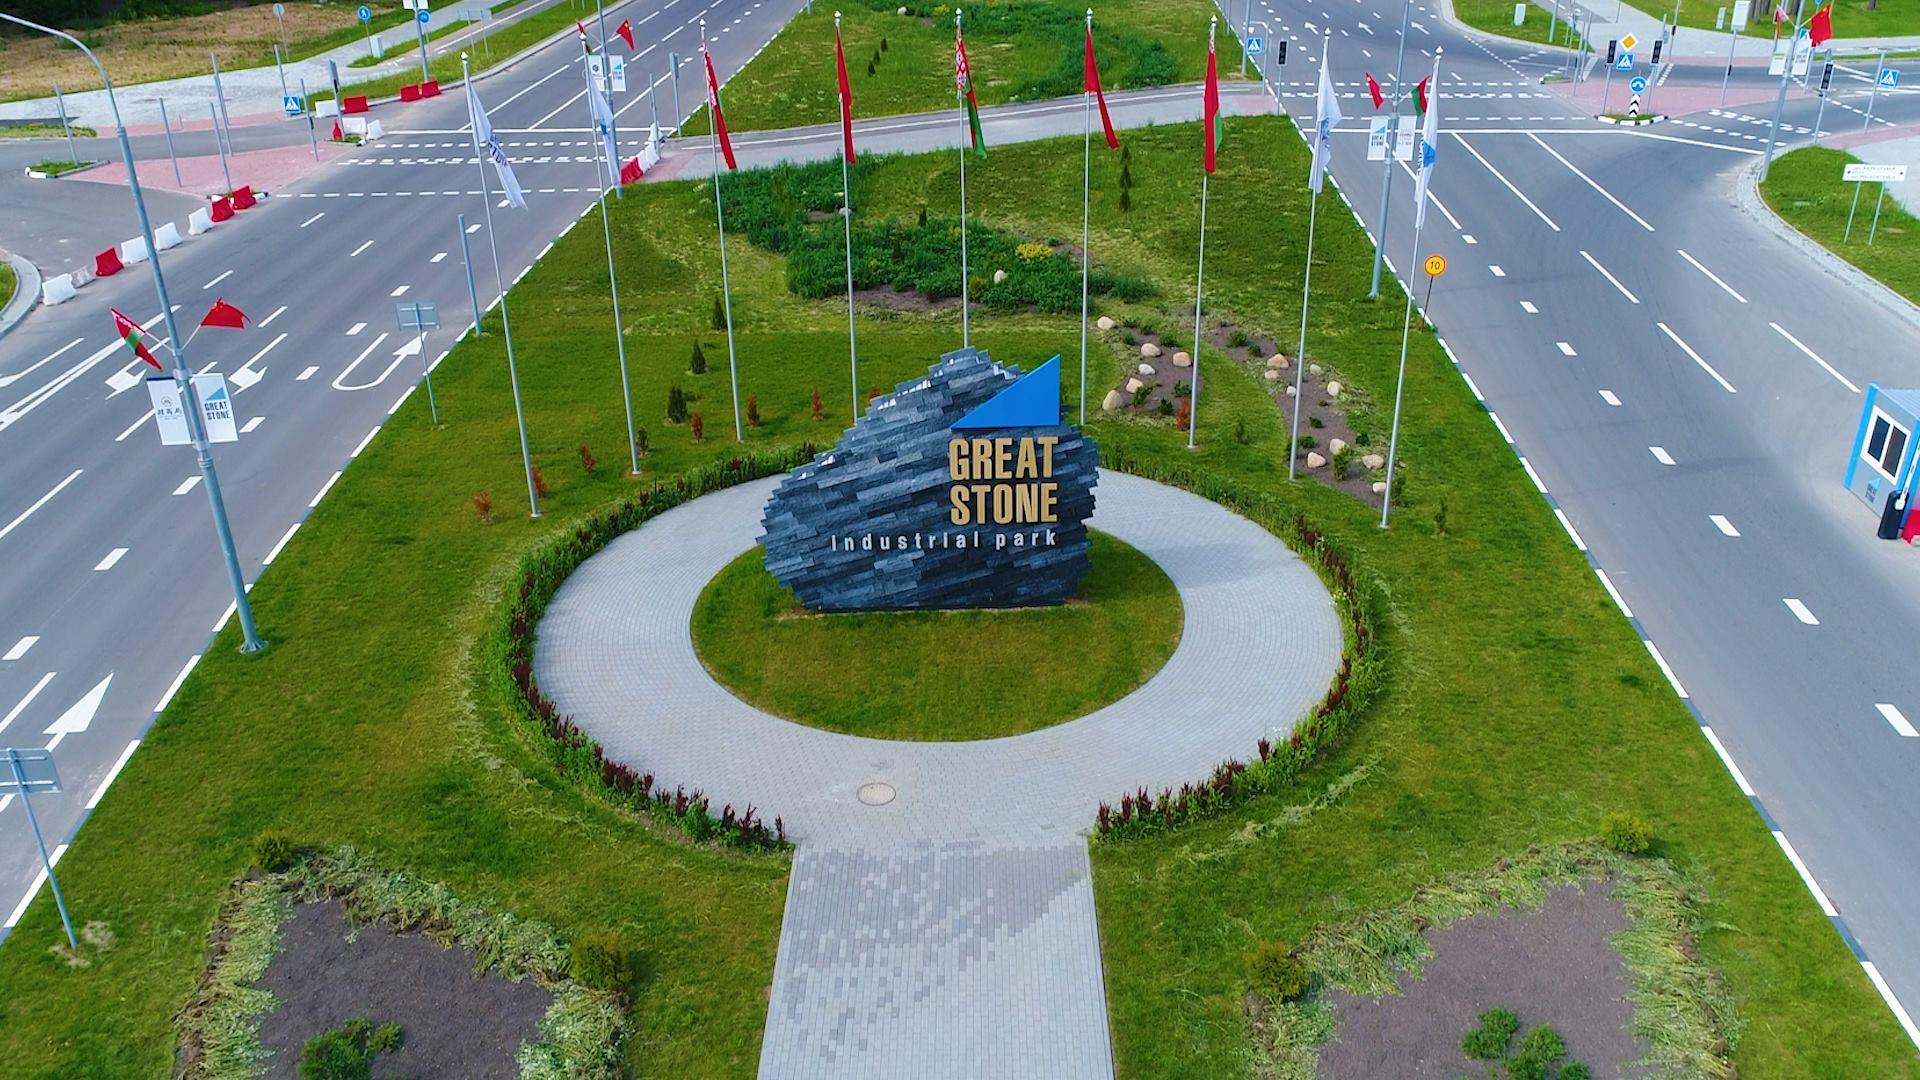 Правовой режим индустриального парка «Великий камень»